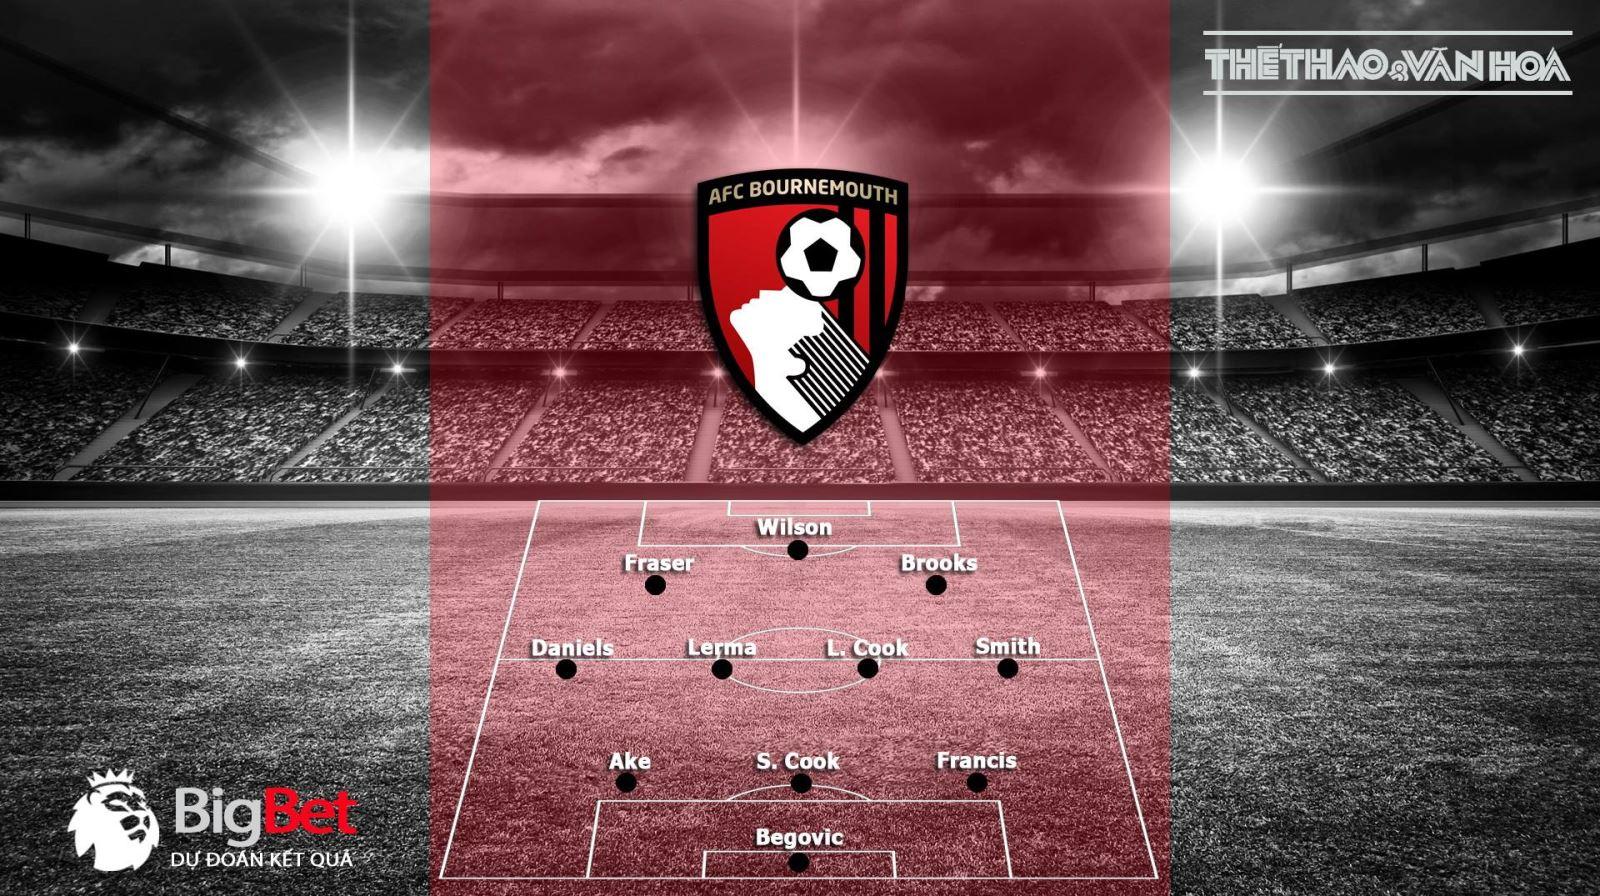 MU. Kèo MU. Soi kèo Bournemouth vs MU. Nhận định dự đoán MU. Trực tiếp bóng đá